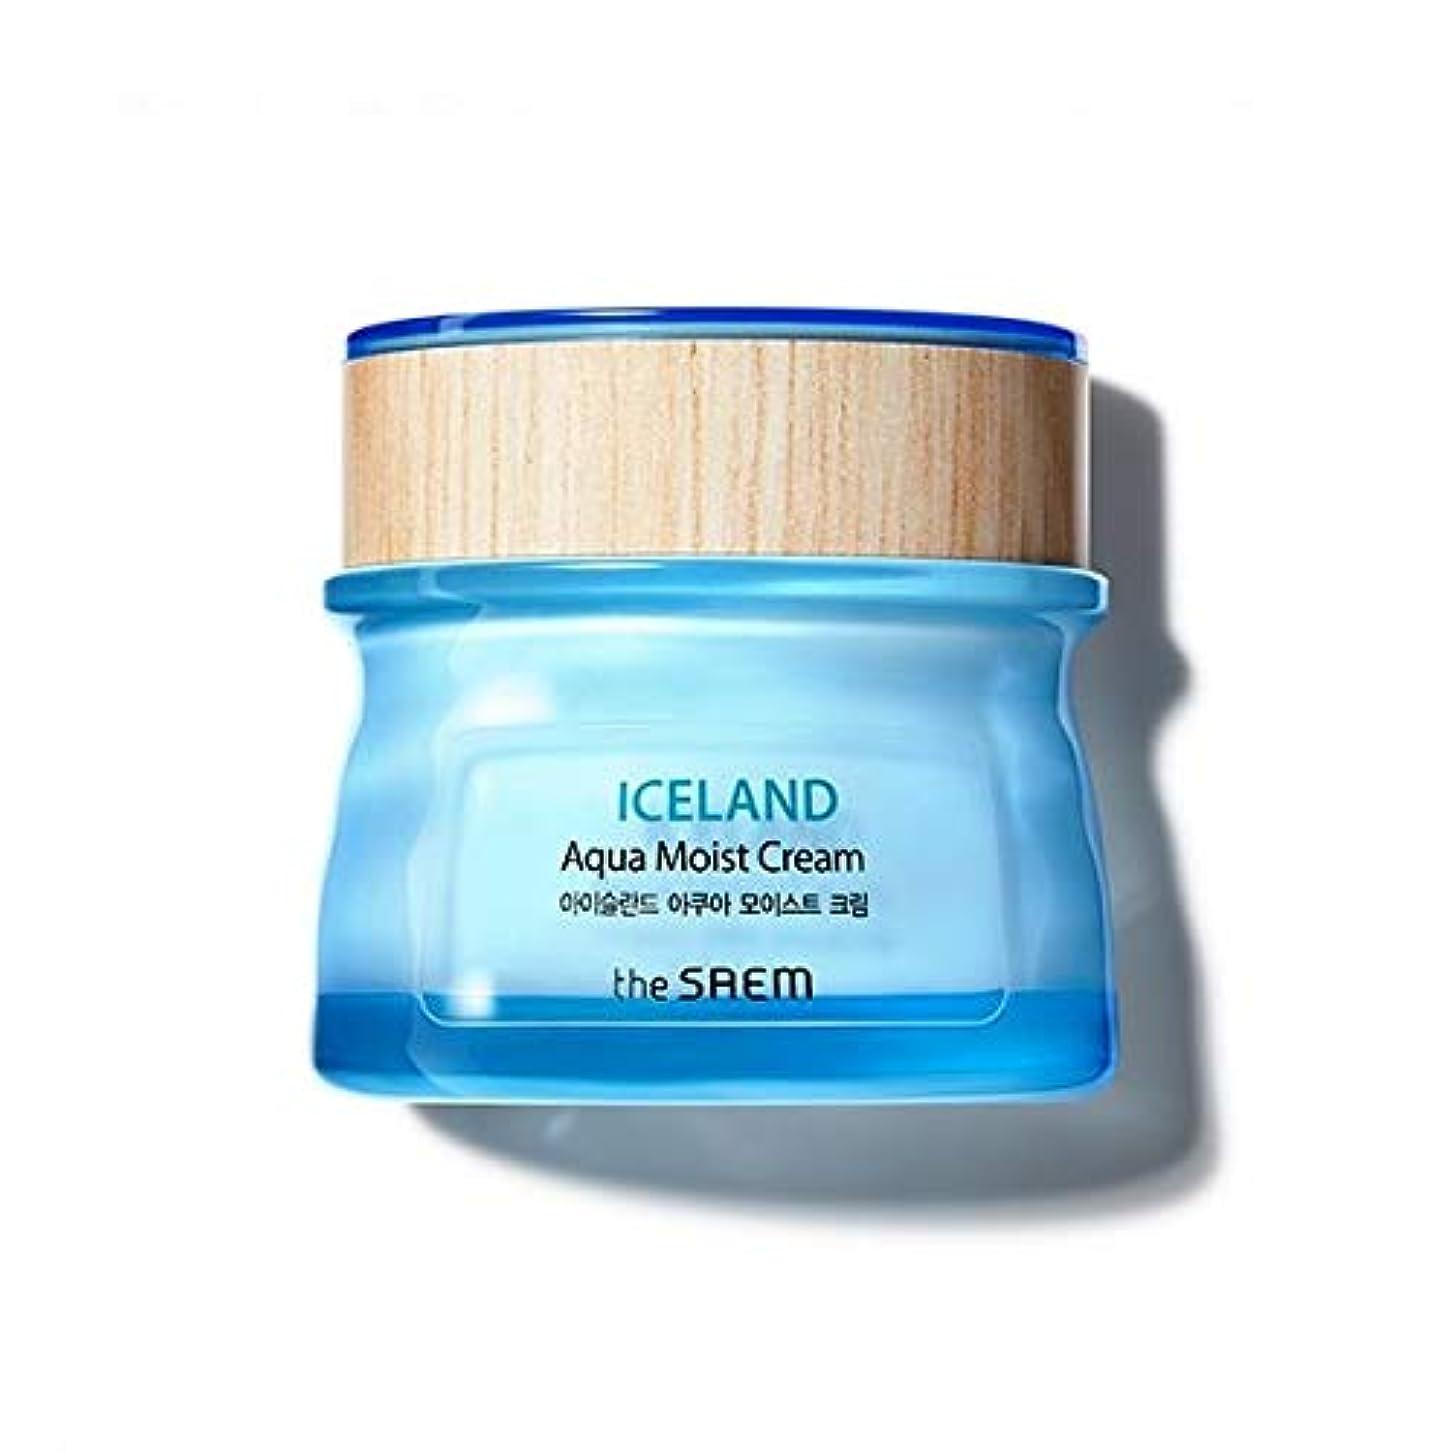 目指す彼の投げるThe saem Iceland Apua Moist Cream ザセム アイスランド アクア モイスト クリーム 60ml [並行輸入品]